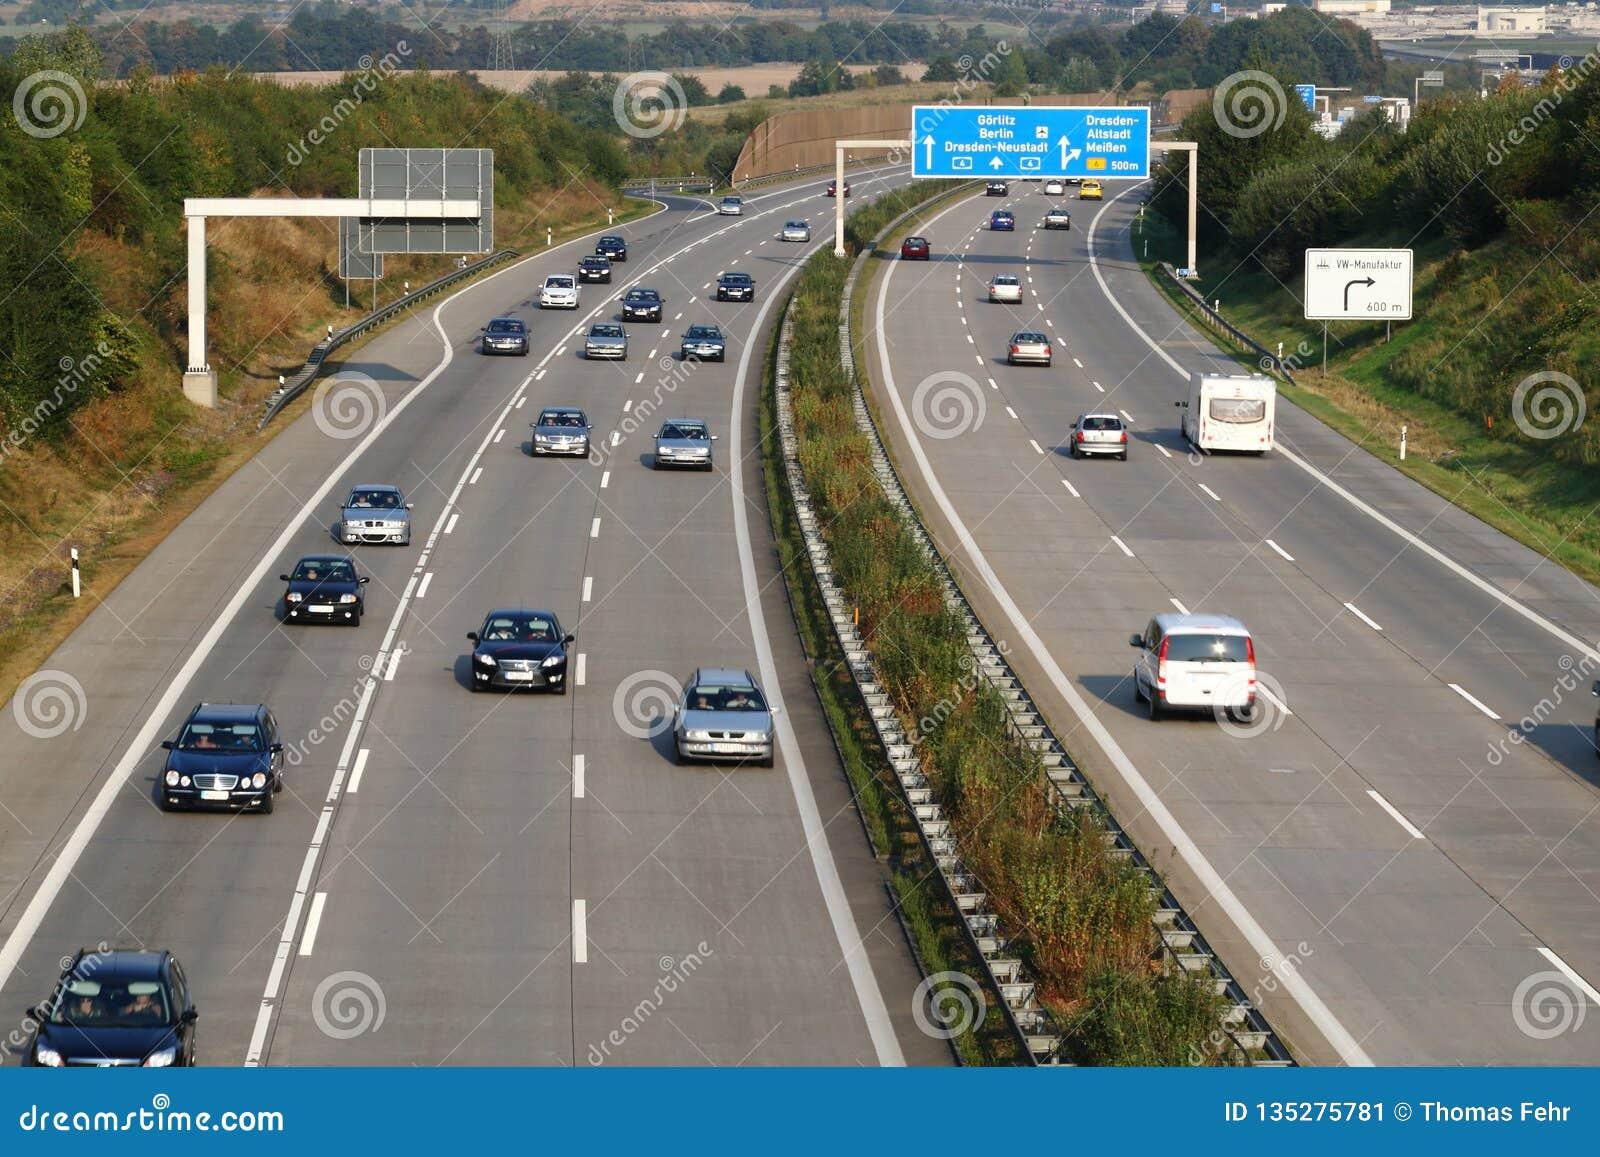 Duitse autobahn met uitgang aan Dresden